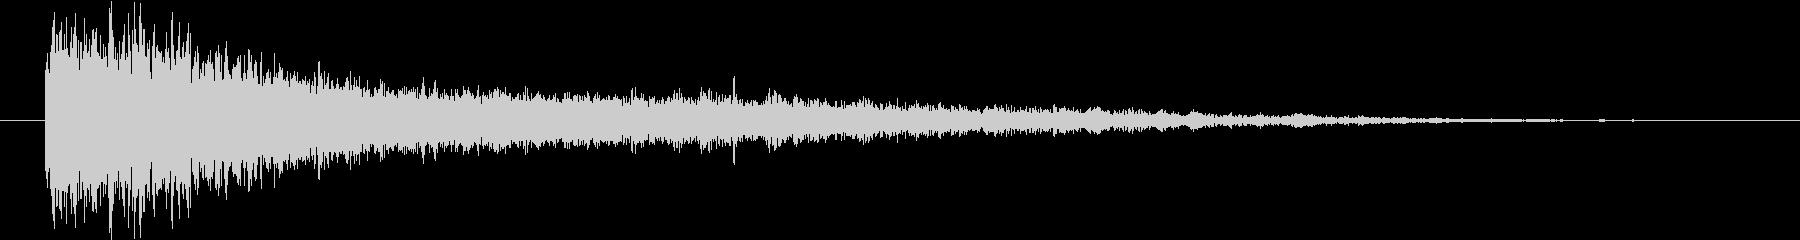 【インパクト アタックエピック】バーンの未再生の波形